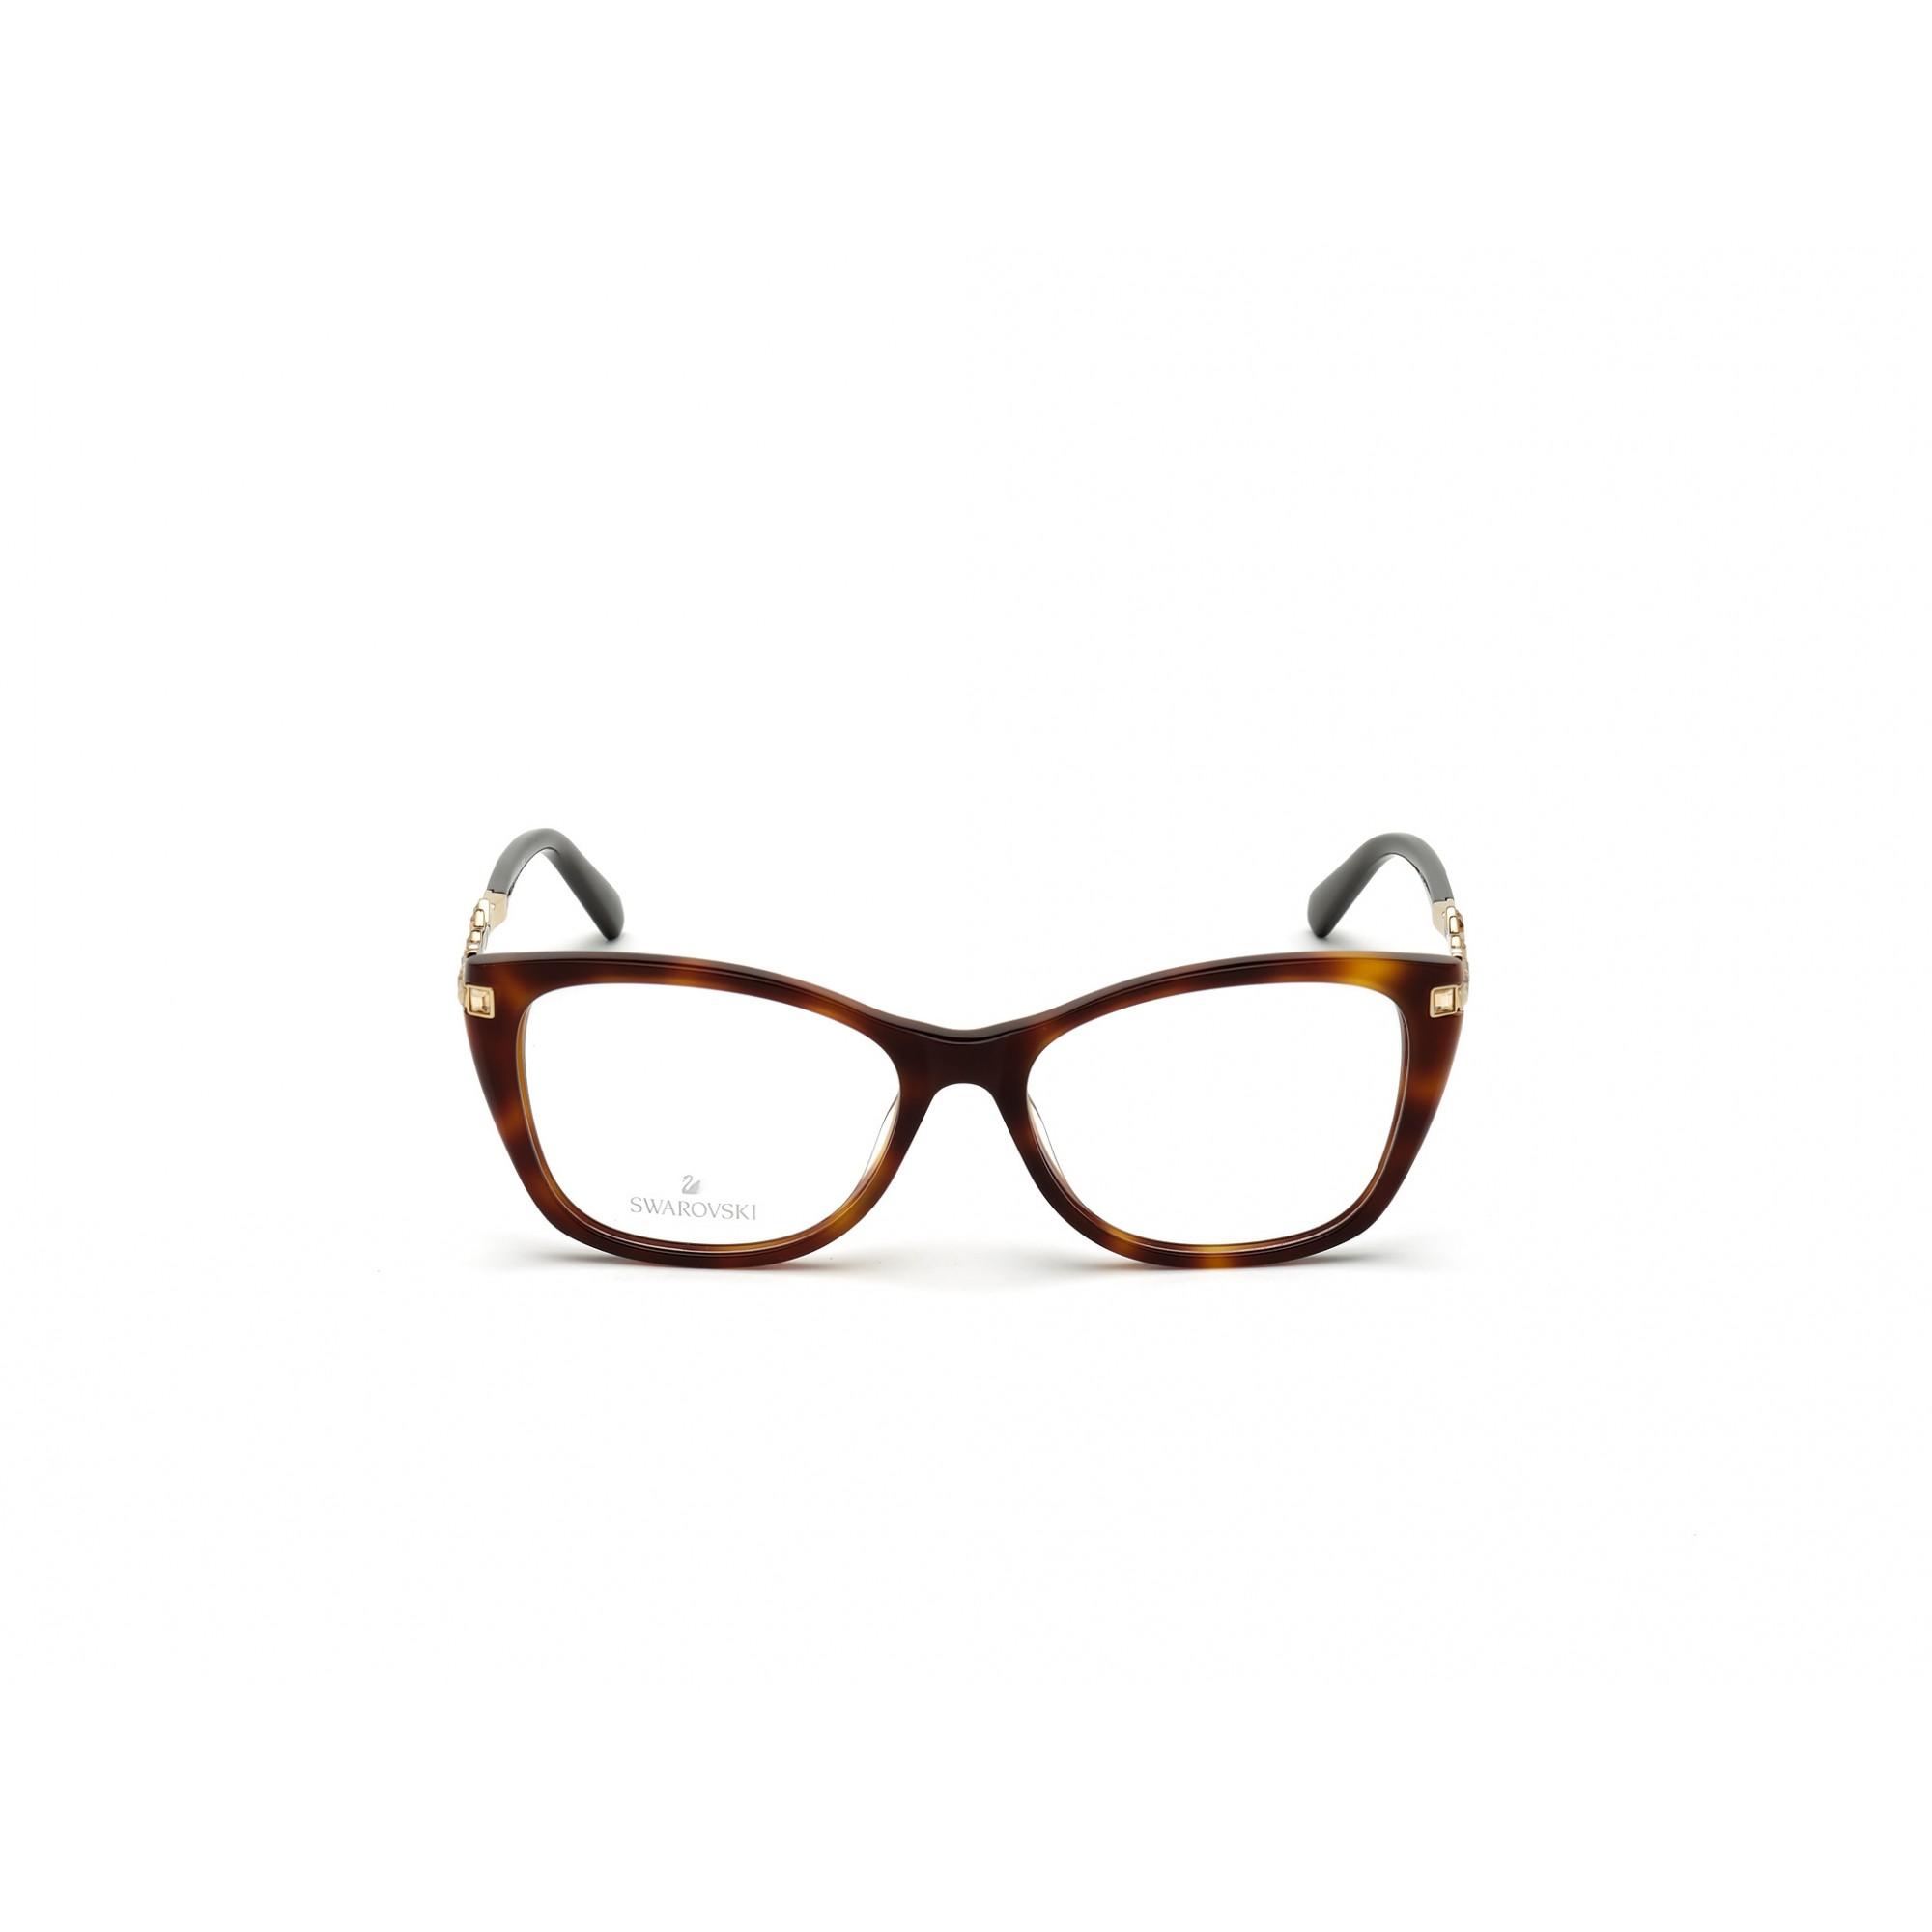 Swarovski - SK5343 052 51 - Óculos de grau